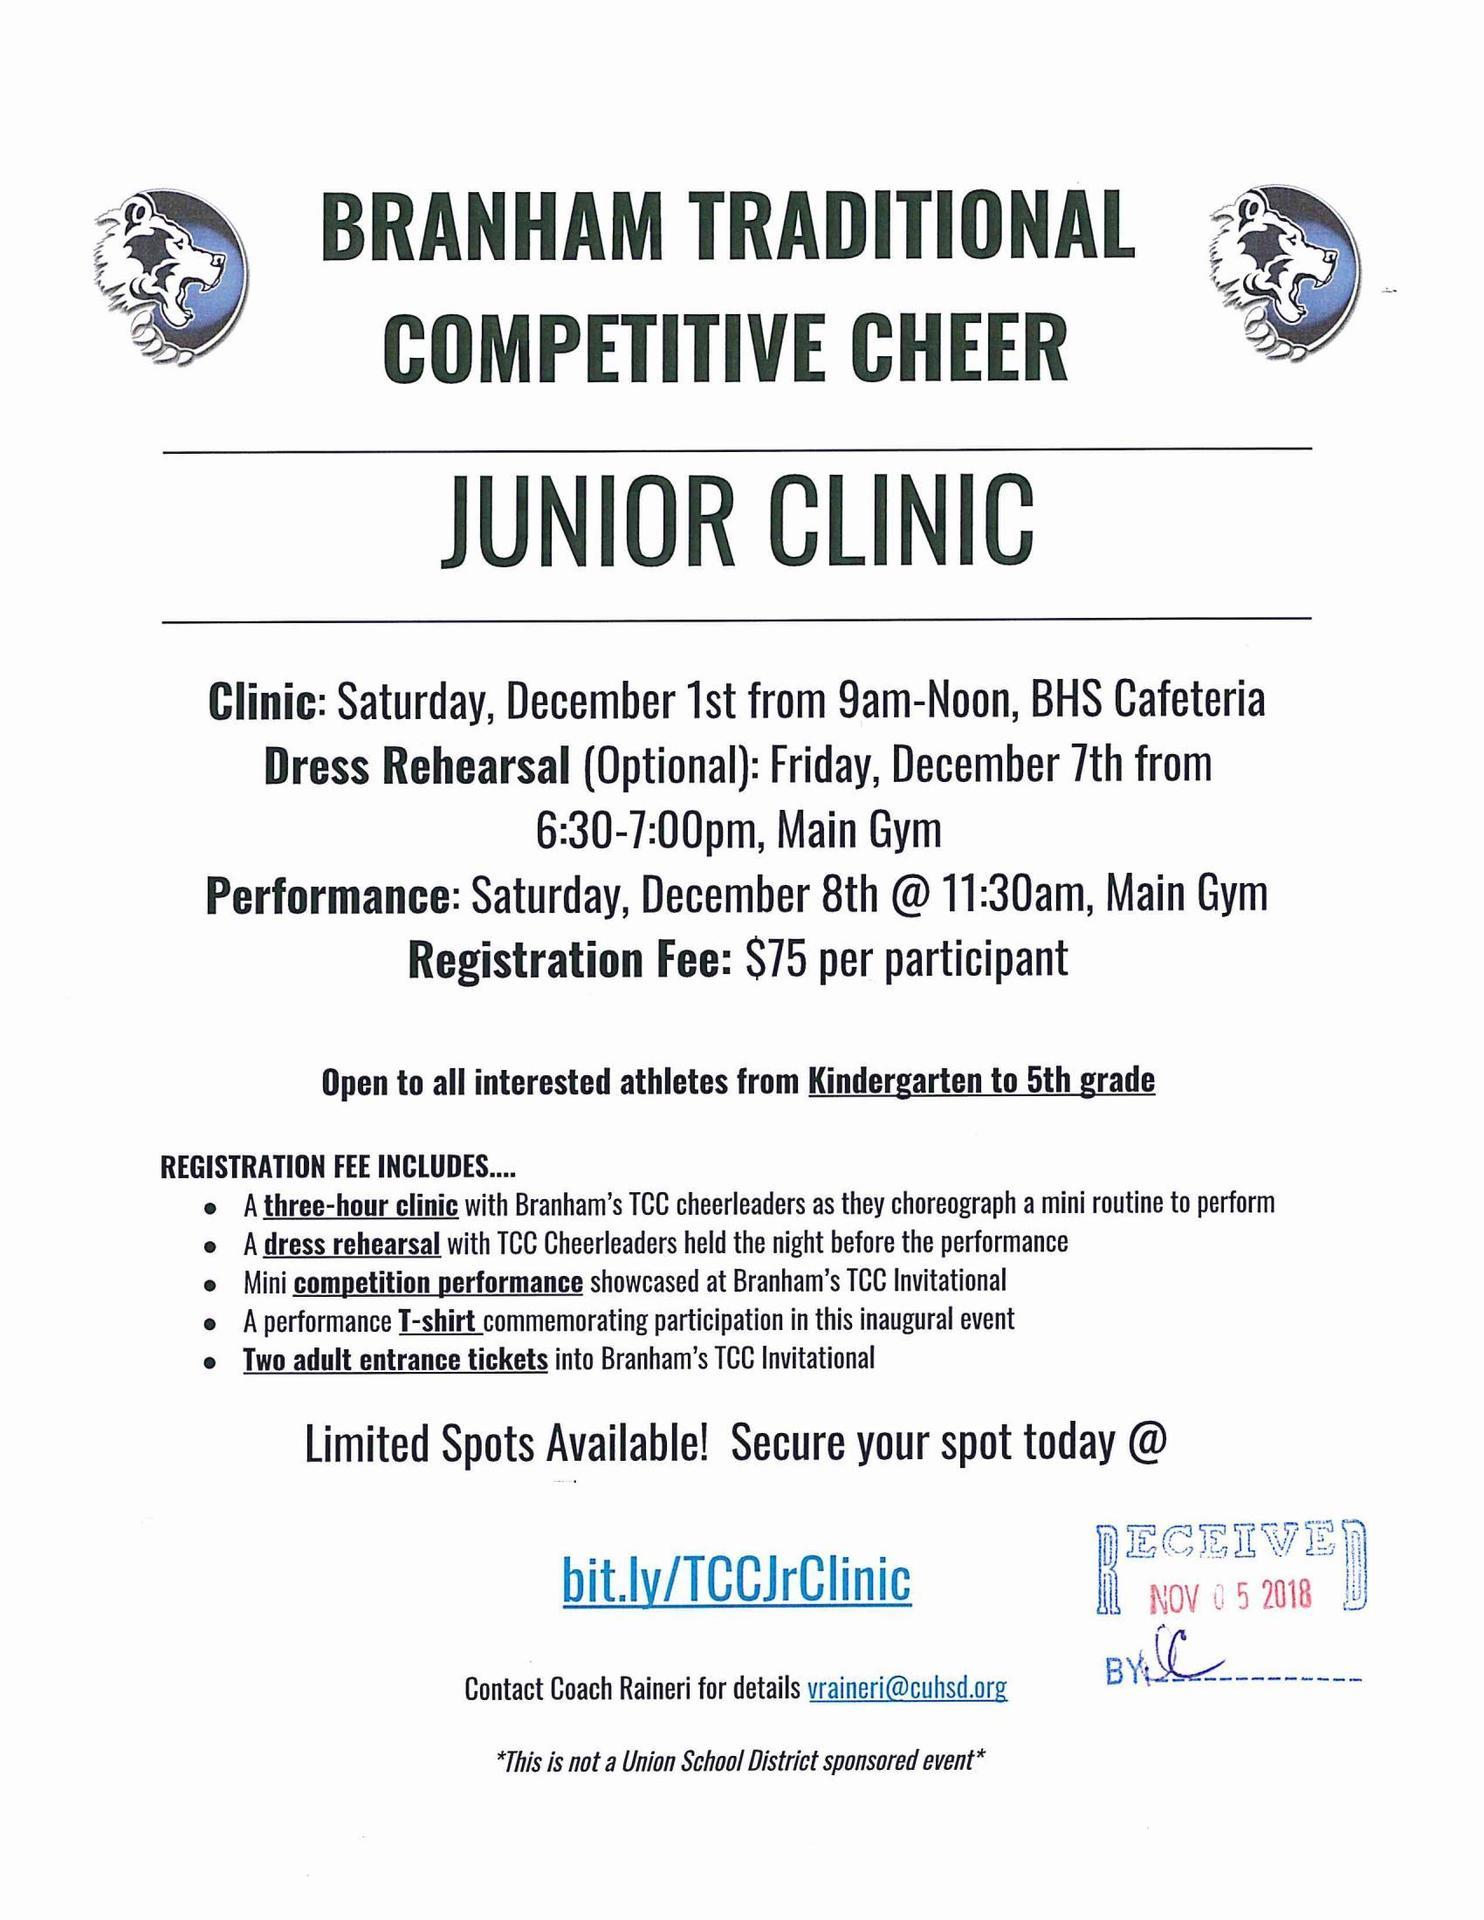 Branham Competitive Cheer Junior Clinic